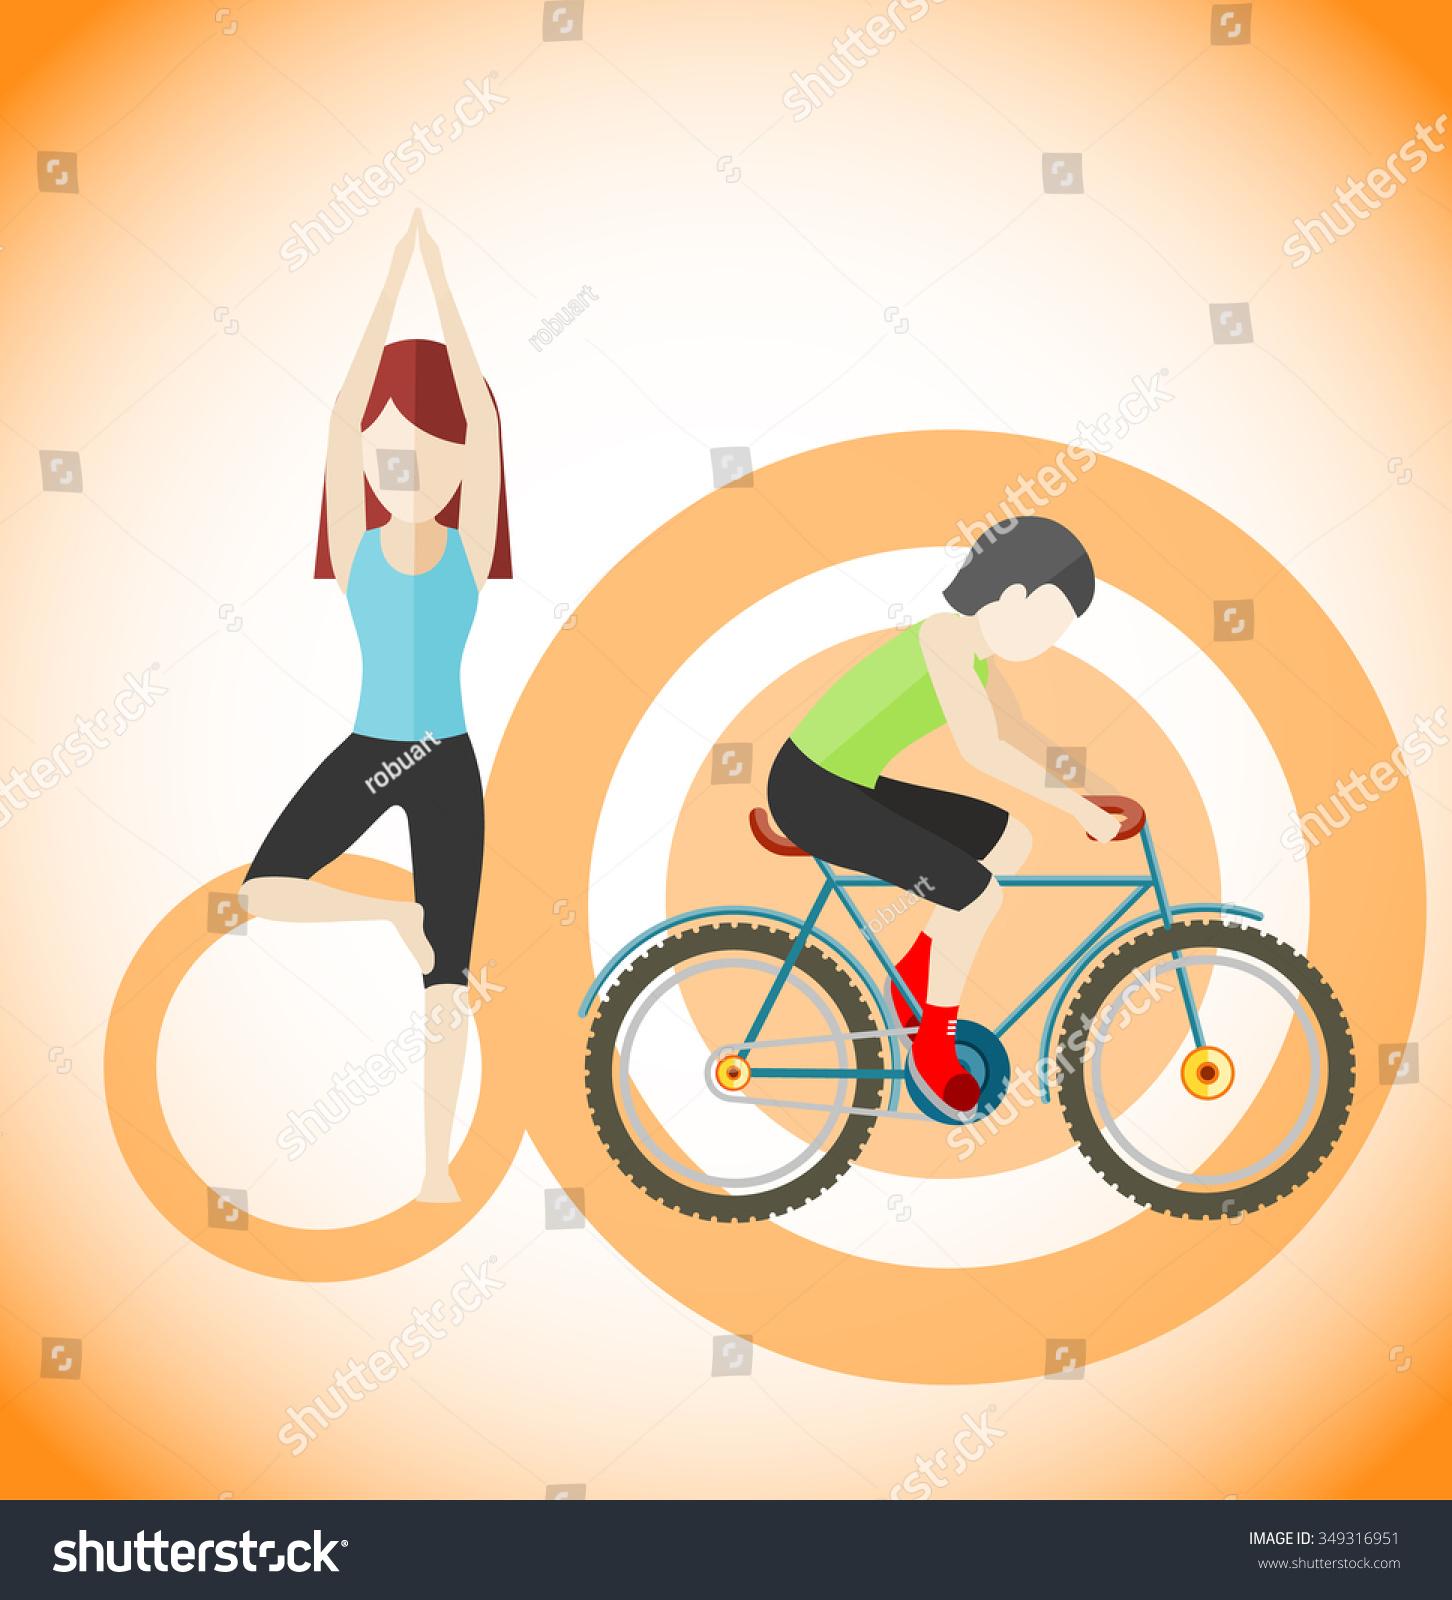 瑜伽和自行车运动概念设计